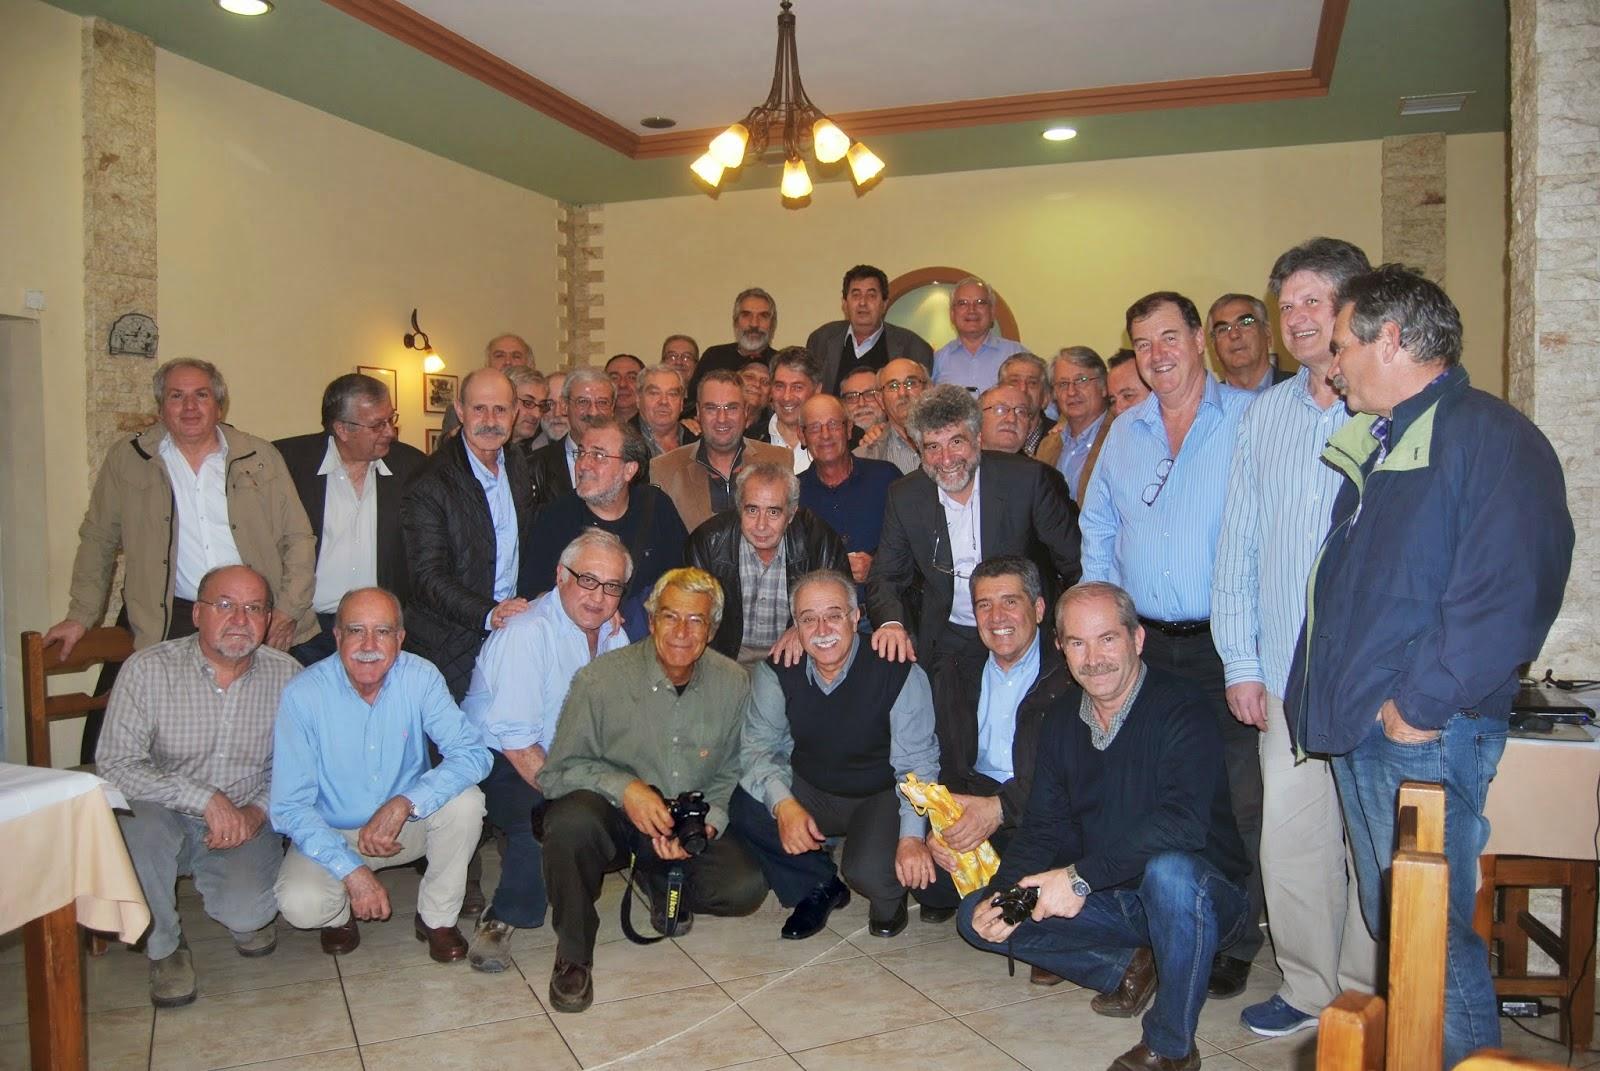 43 χρόνια μετά. Συνάντηση Συμμαθητών 2ου Γυμνασίου Αρρένων Βόλου 1971 στις 07.11.2014